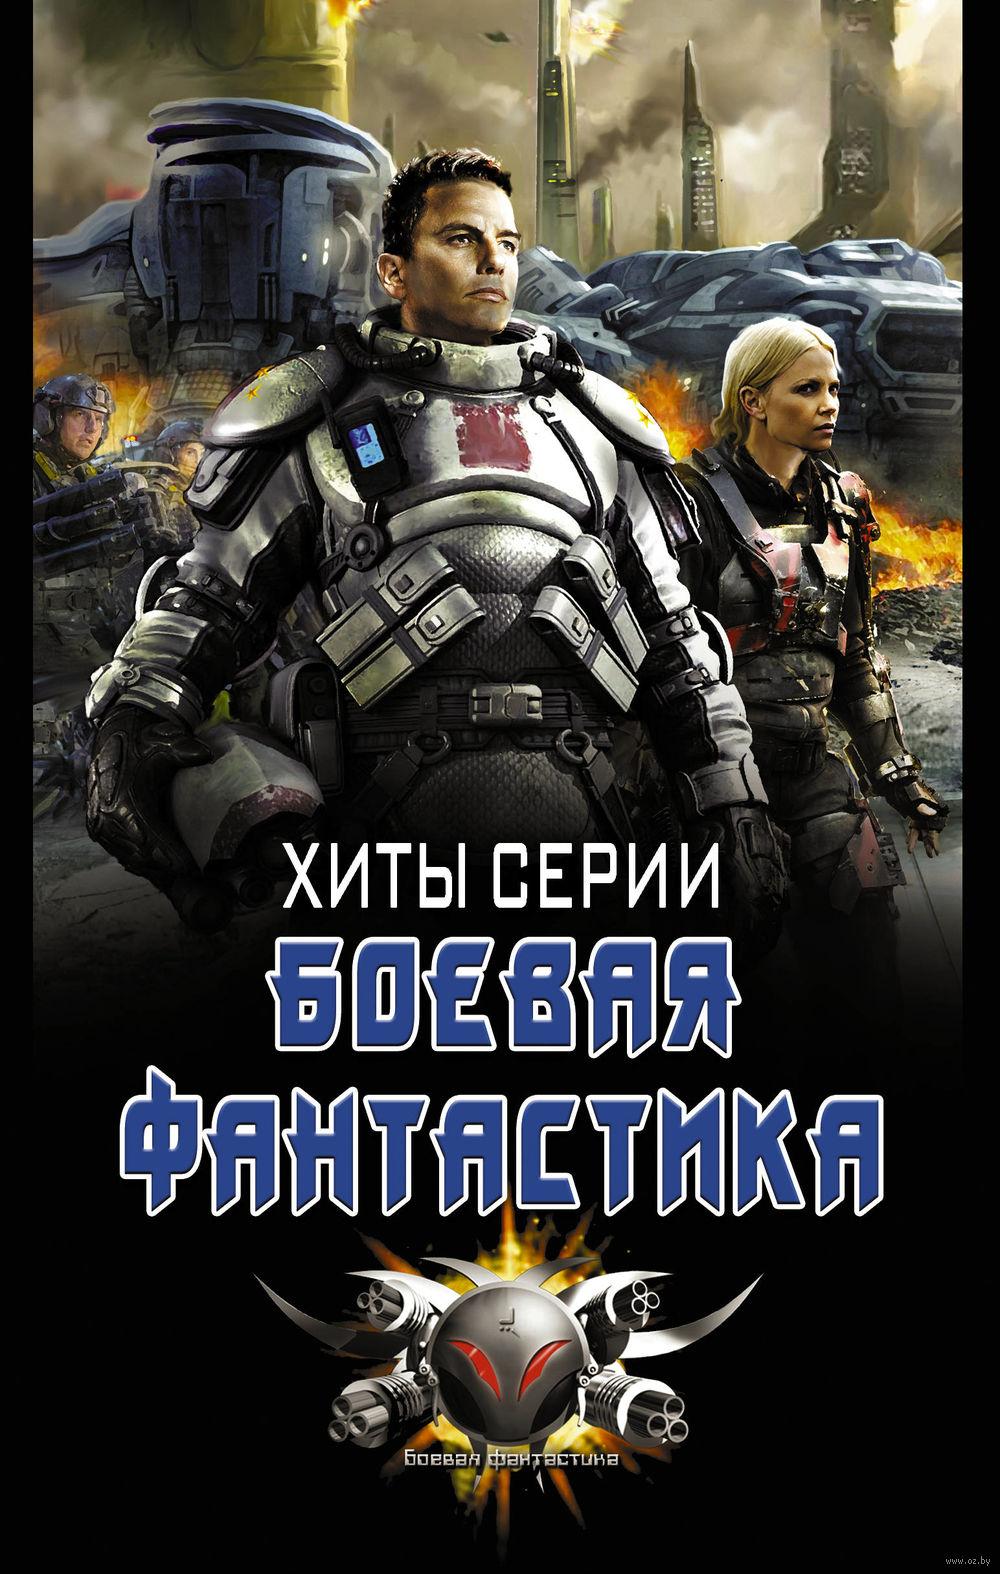 Военная фантастика с участием россии книги